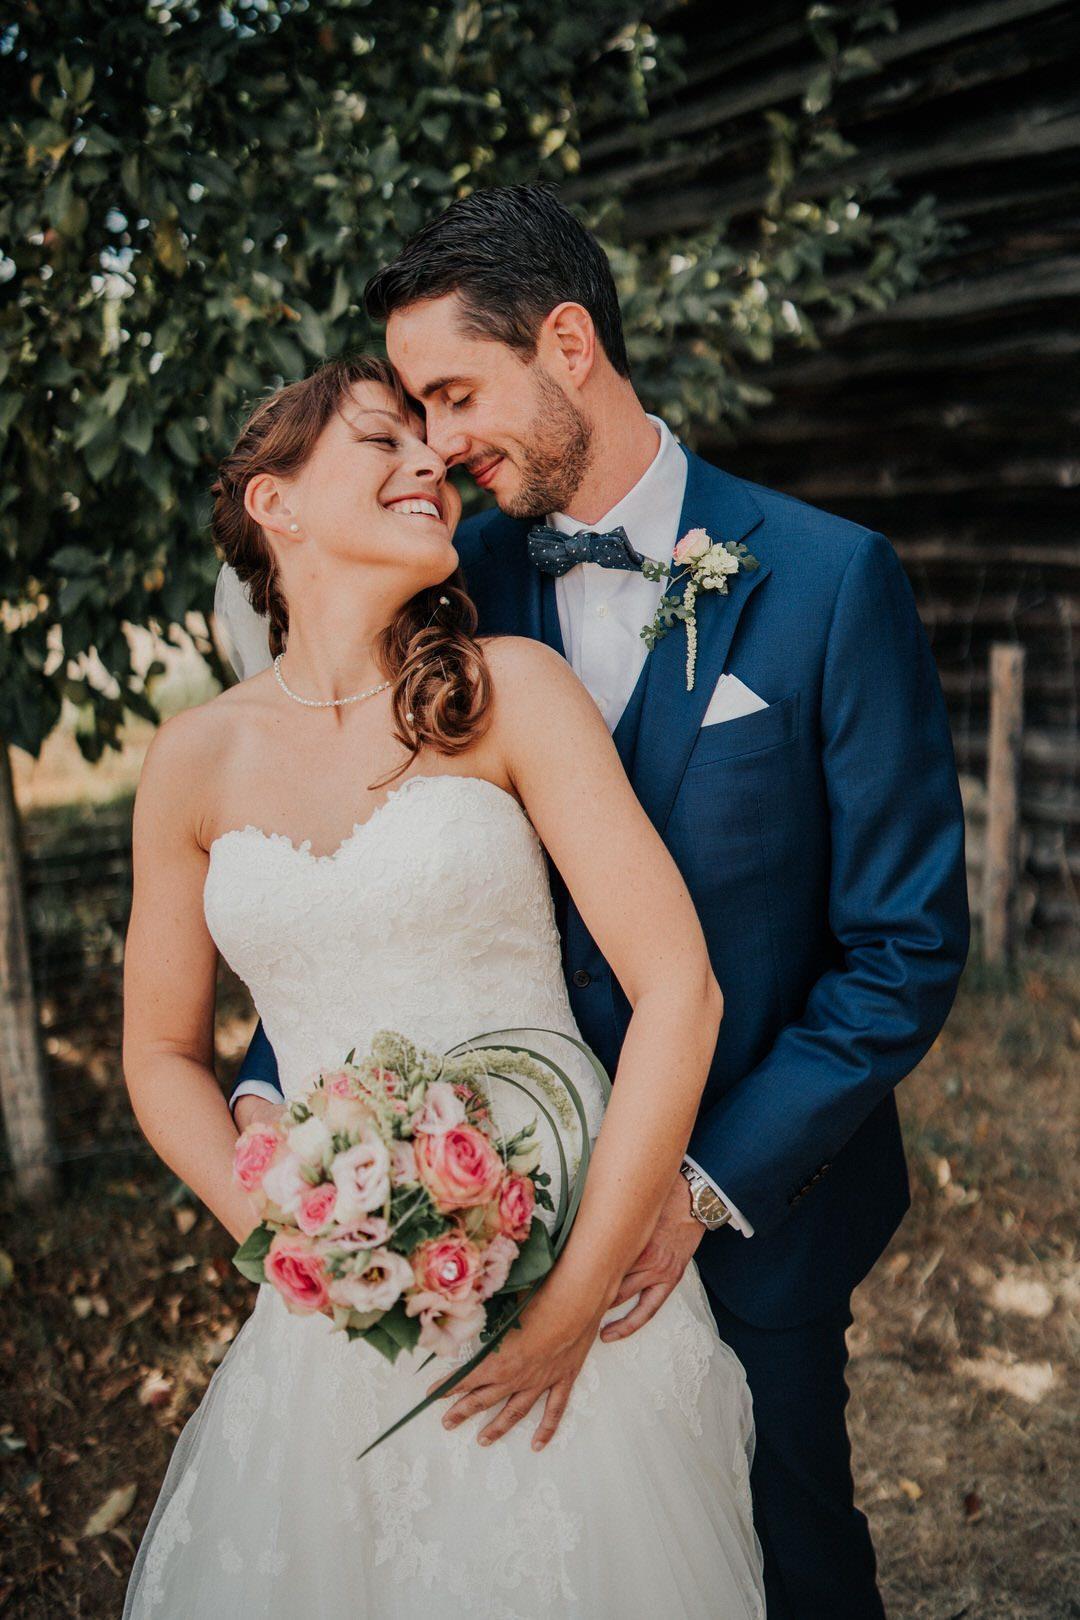 Strahlende braut und glücklicher Bräutigam Stirn an Stirn beim Hochzeits-Paarshoot